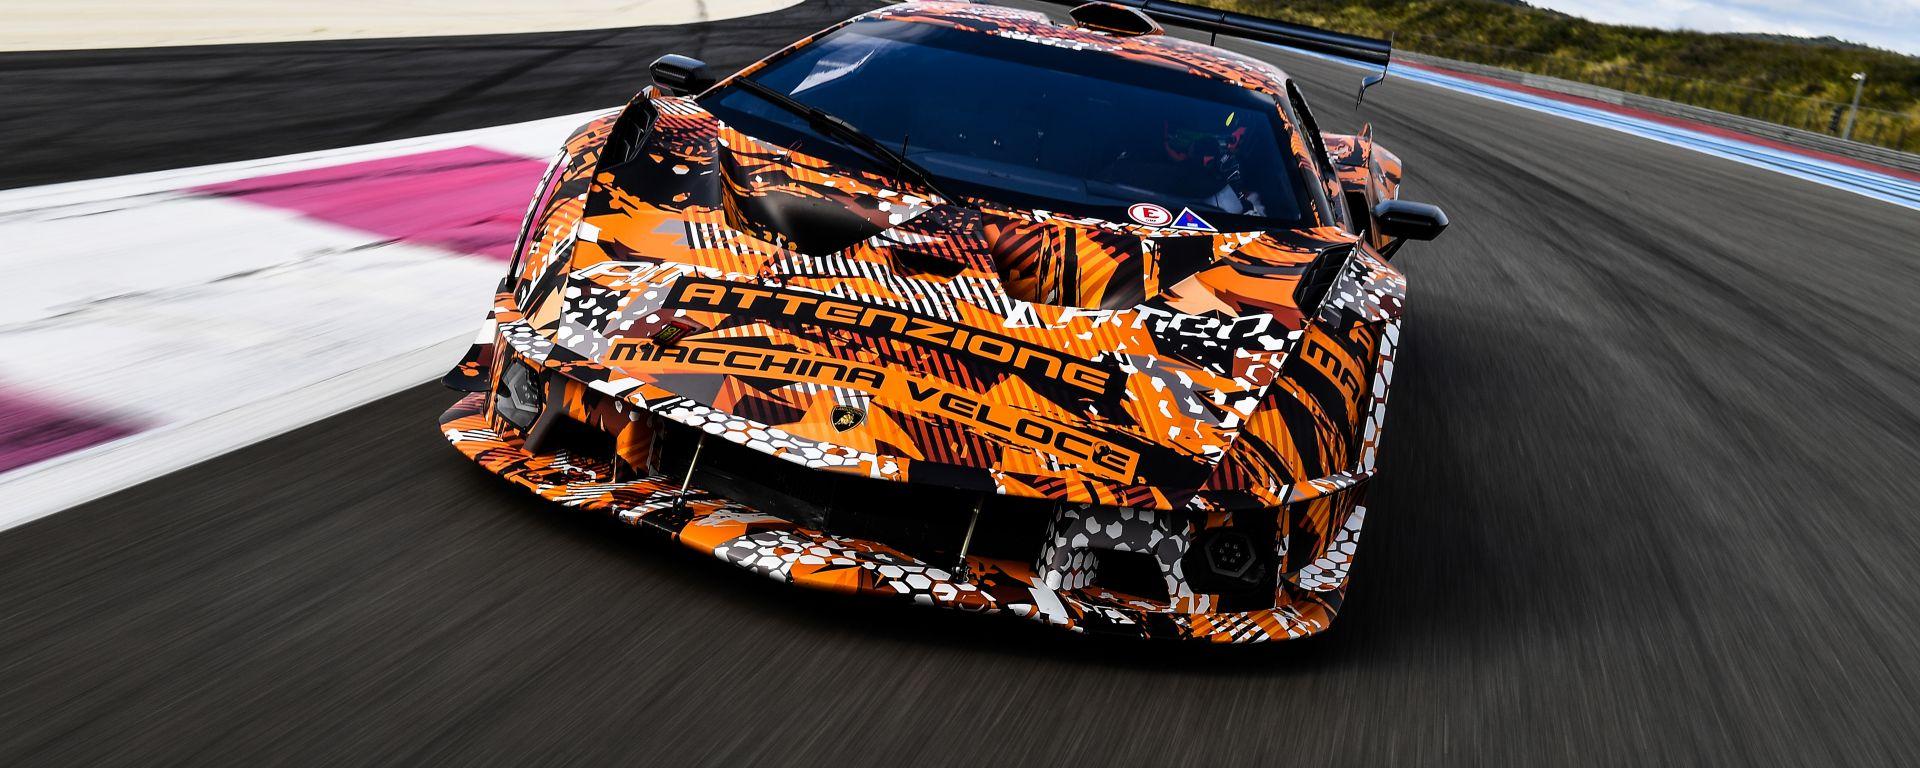 Lamborghini SCV12: ATTENZIONE MACCHINA VELOCE